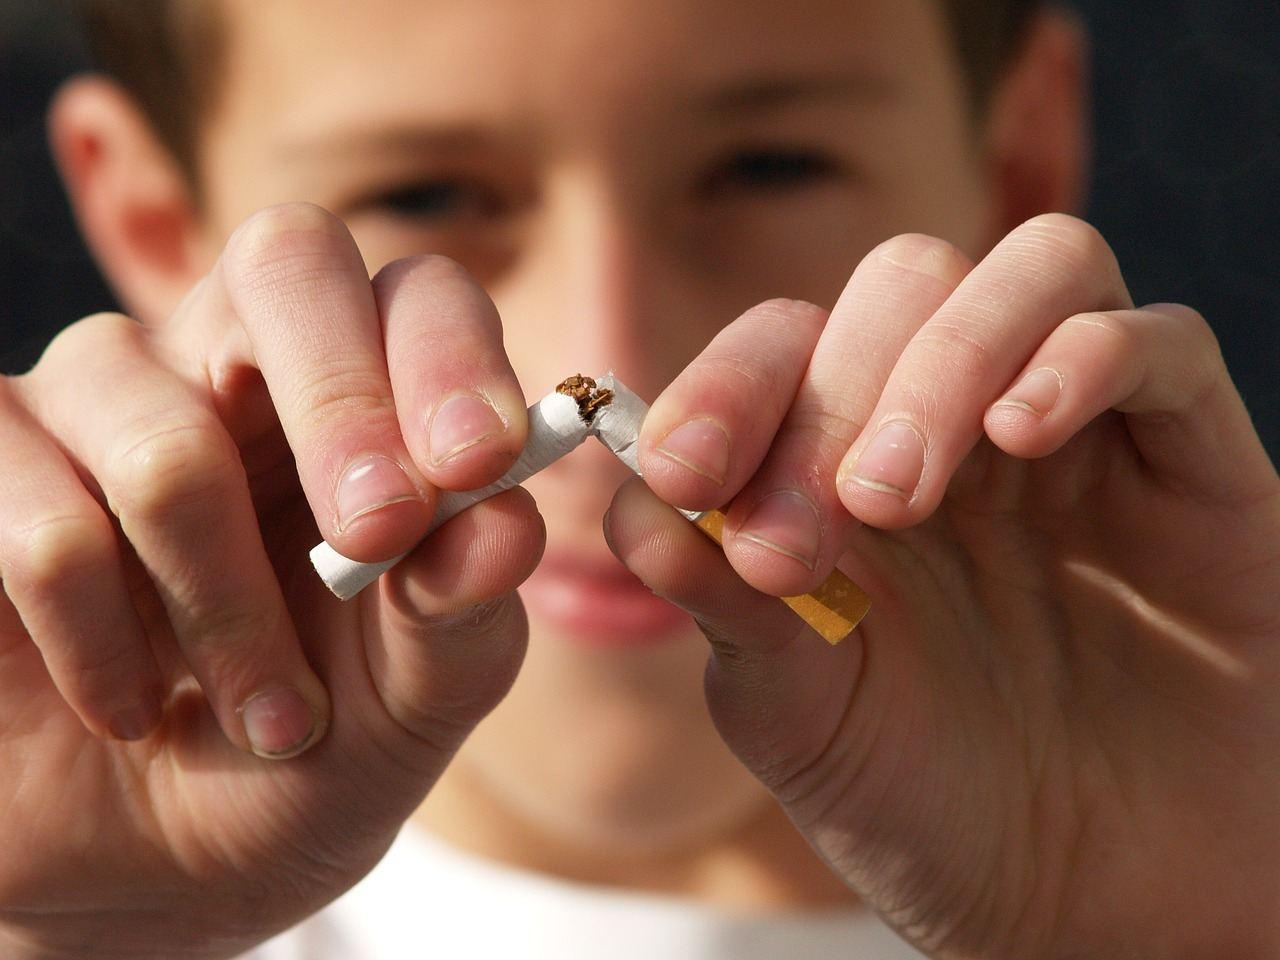 Quelle application utiliser pour arrêter de fumer ?